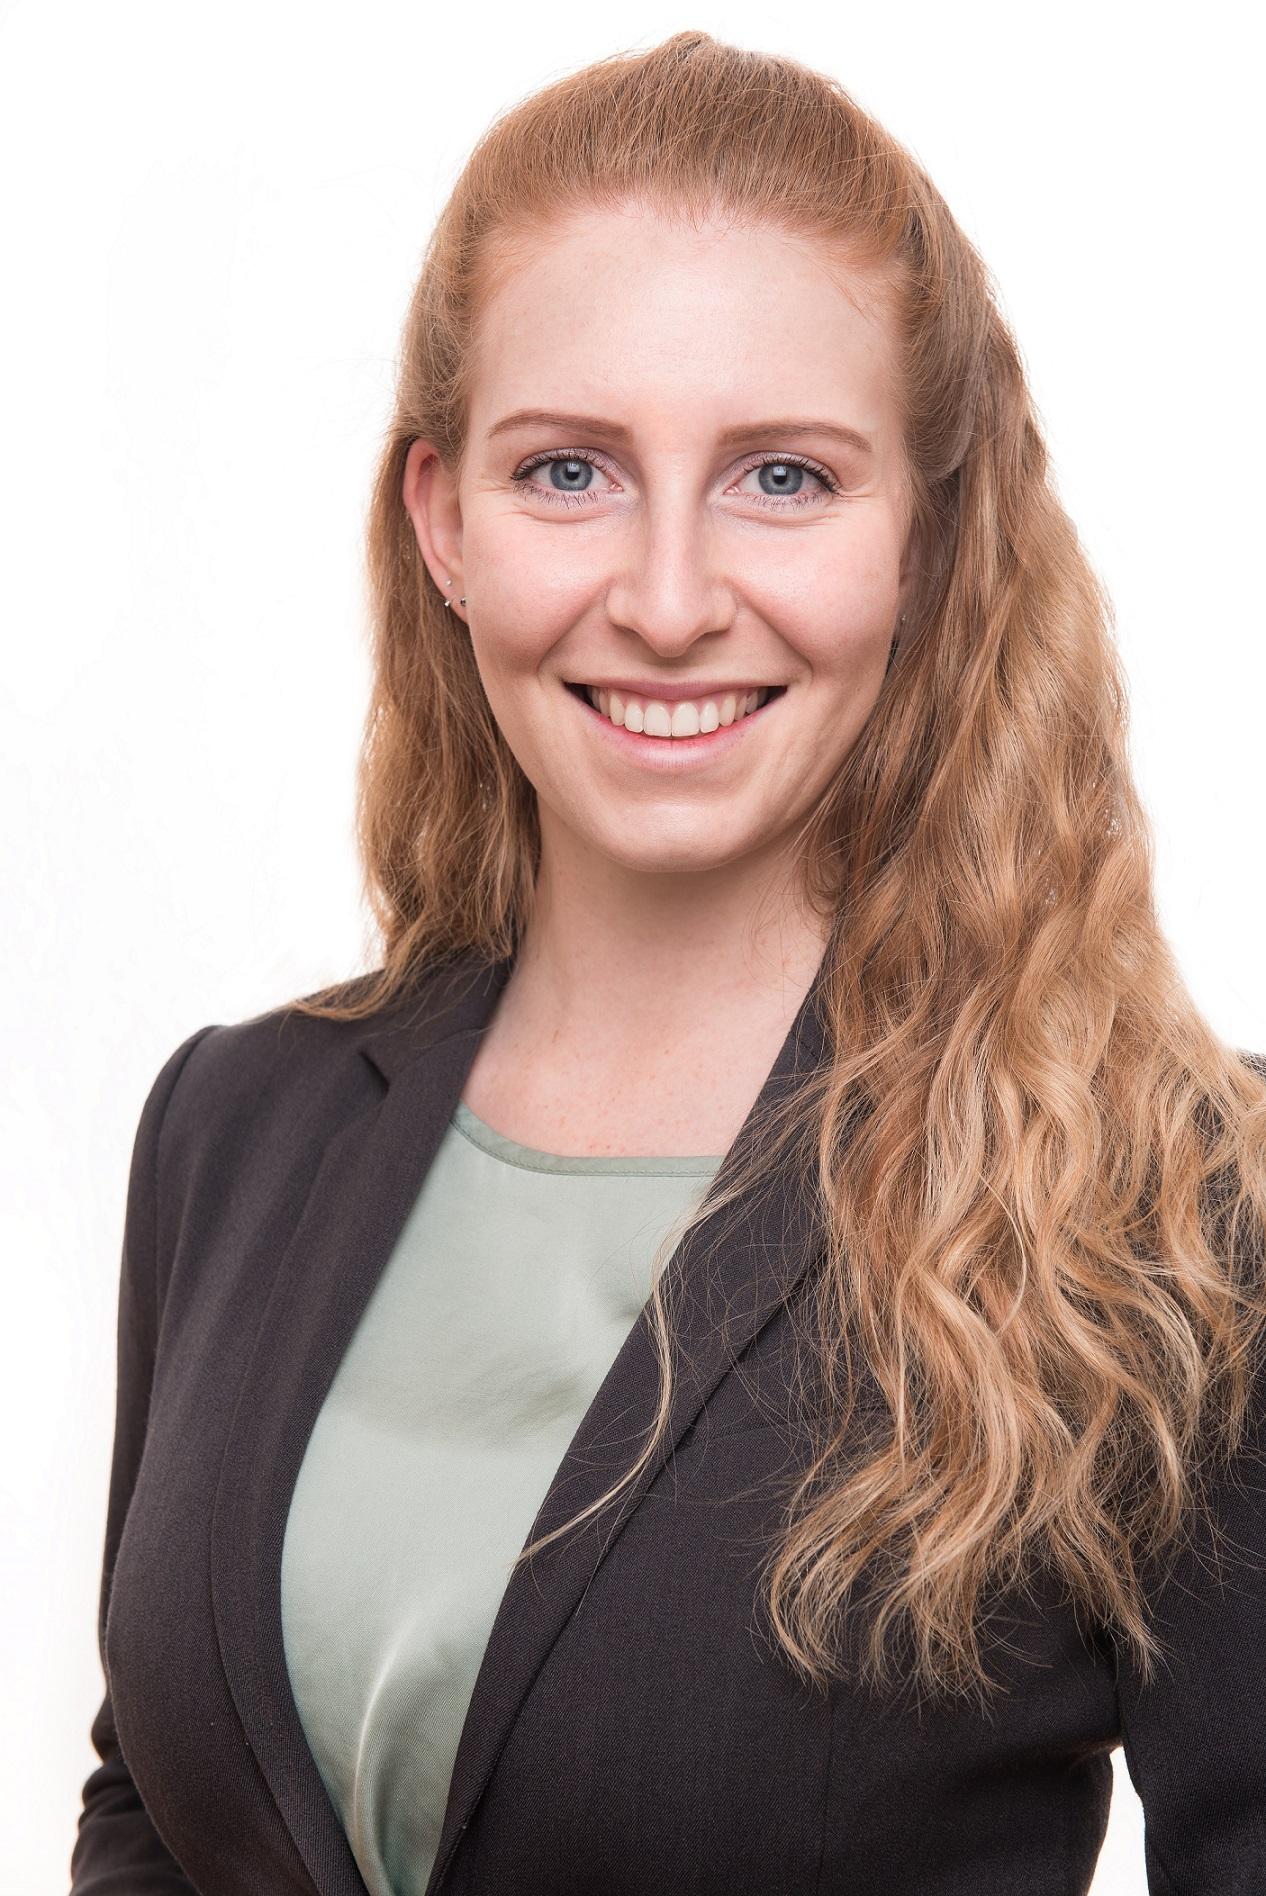 Alina Kohler